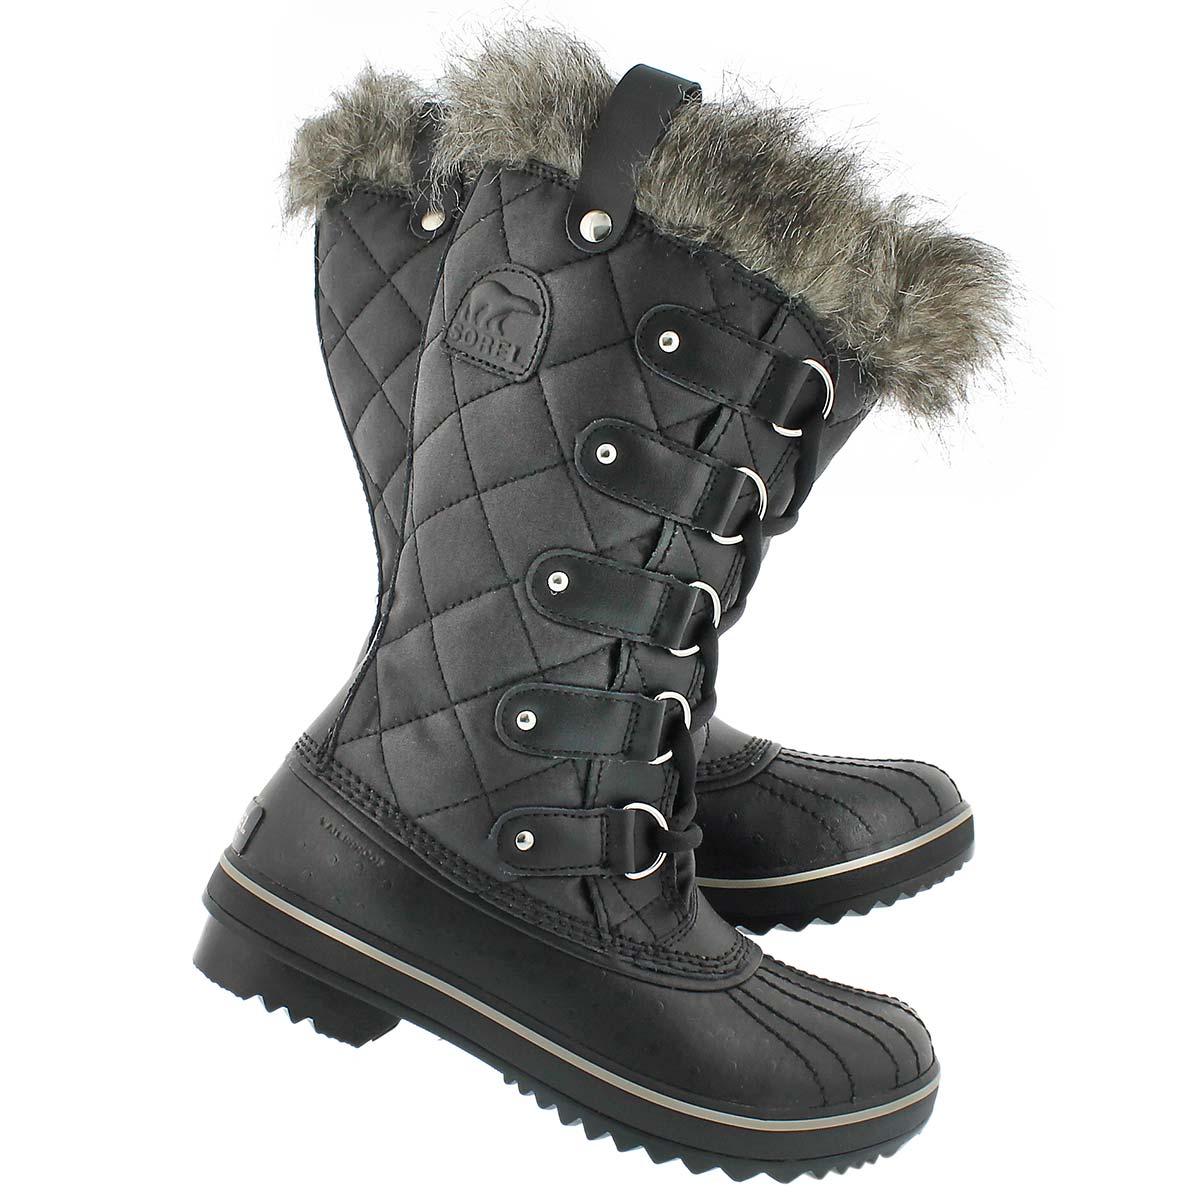 Sorel women s tofino cate black winter boots